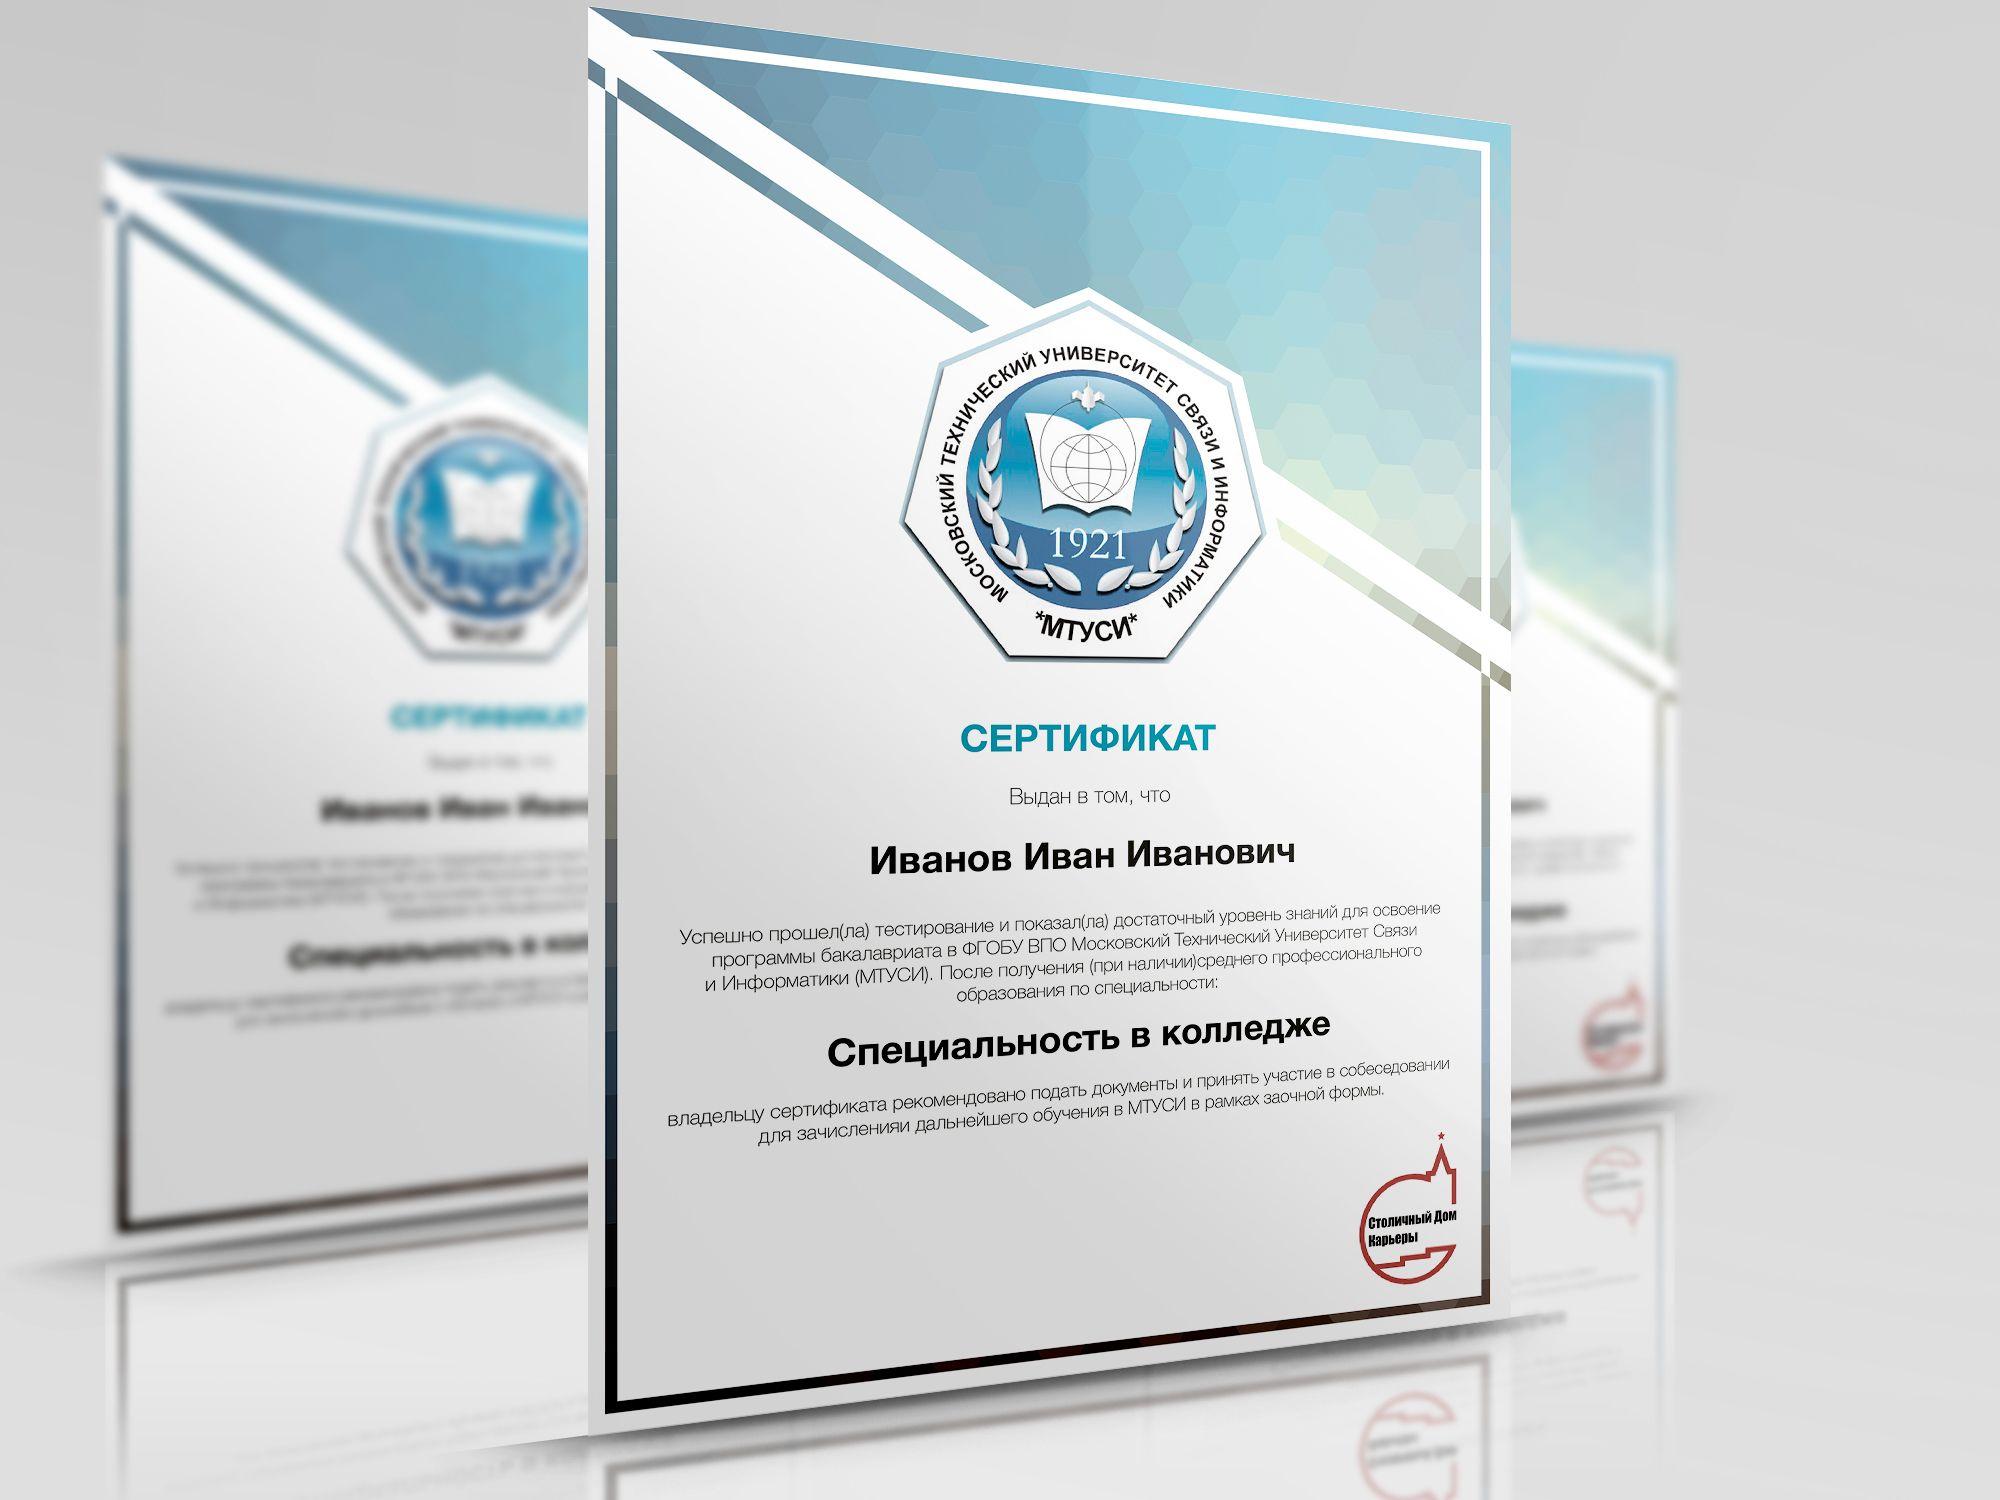 Сертификат для университета МТУСИ - дизайнер fenkse